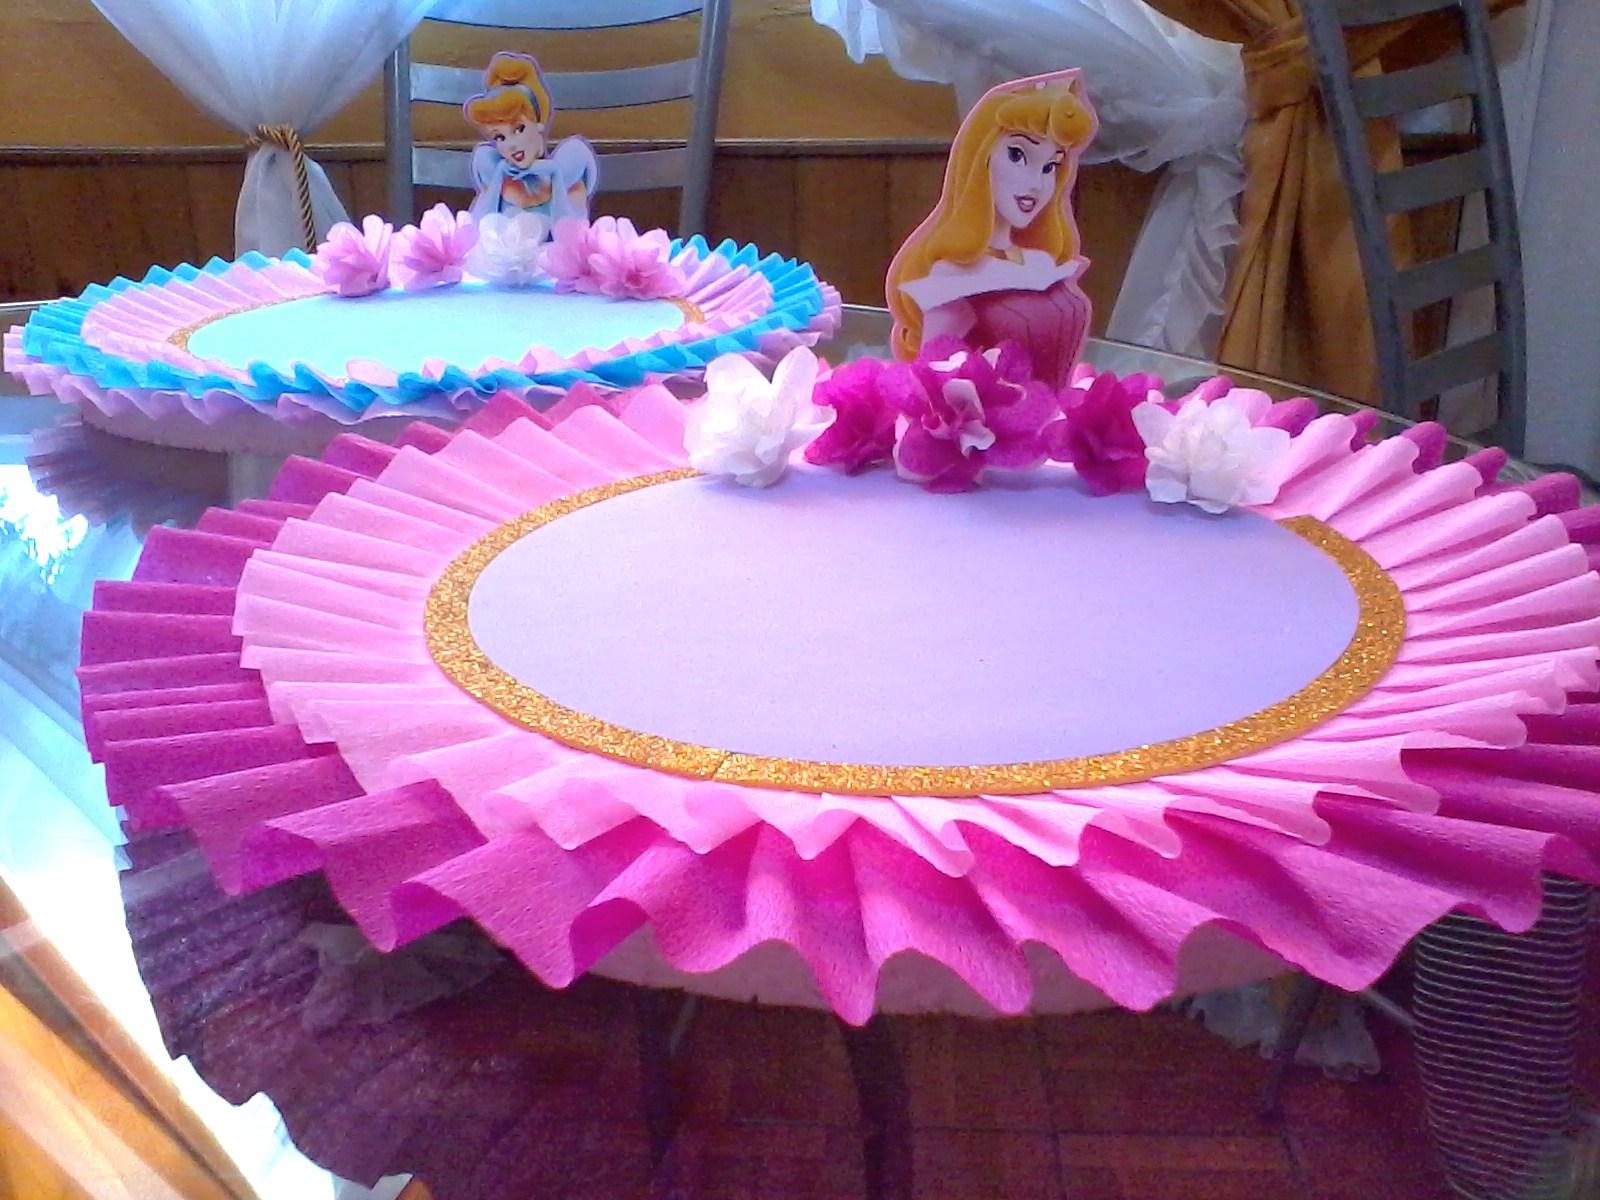 Decoraciones infantiles pack completo de princesas - Cosas originales para decorar ...